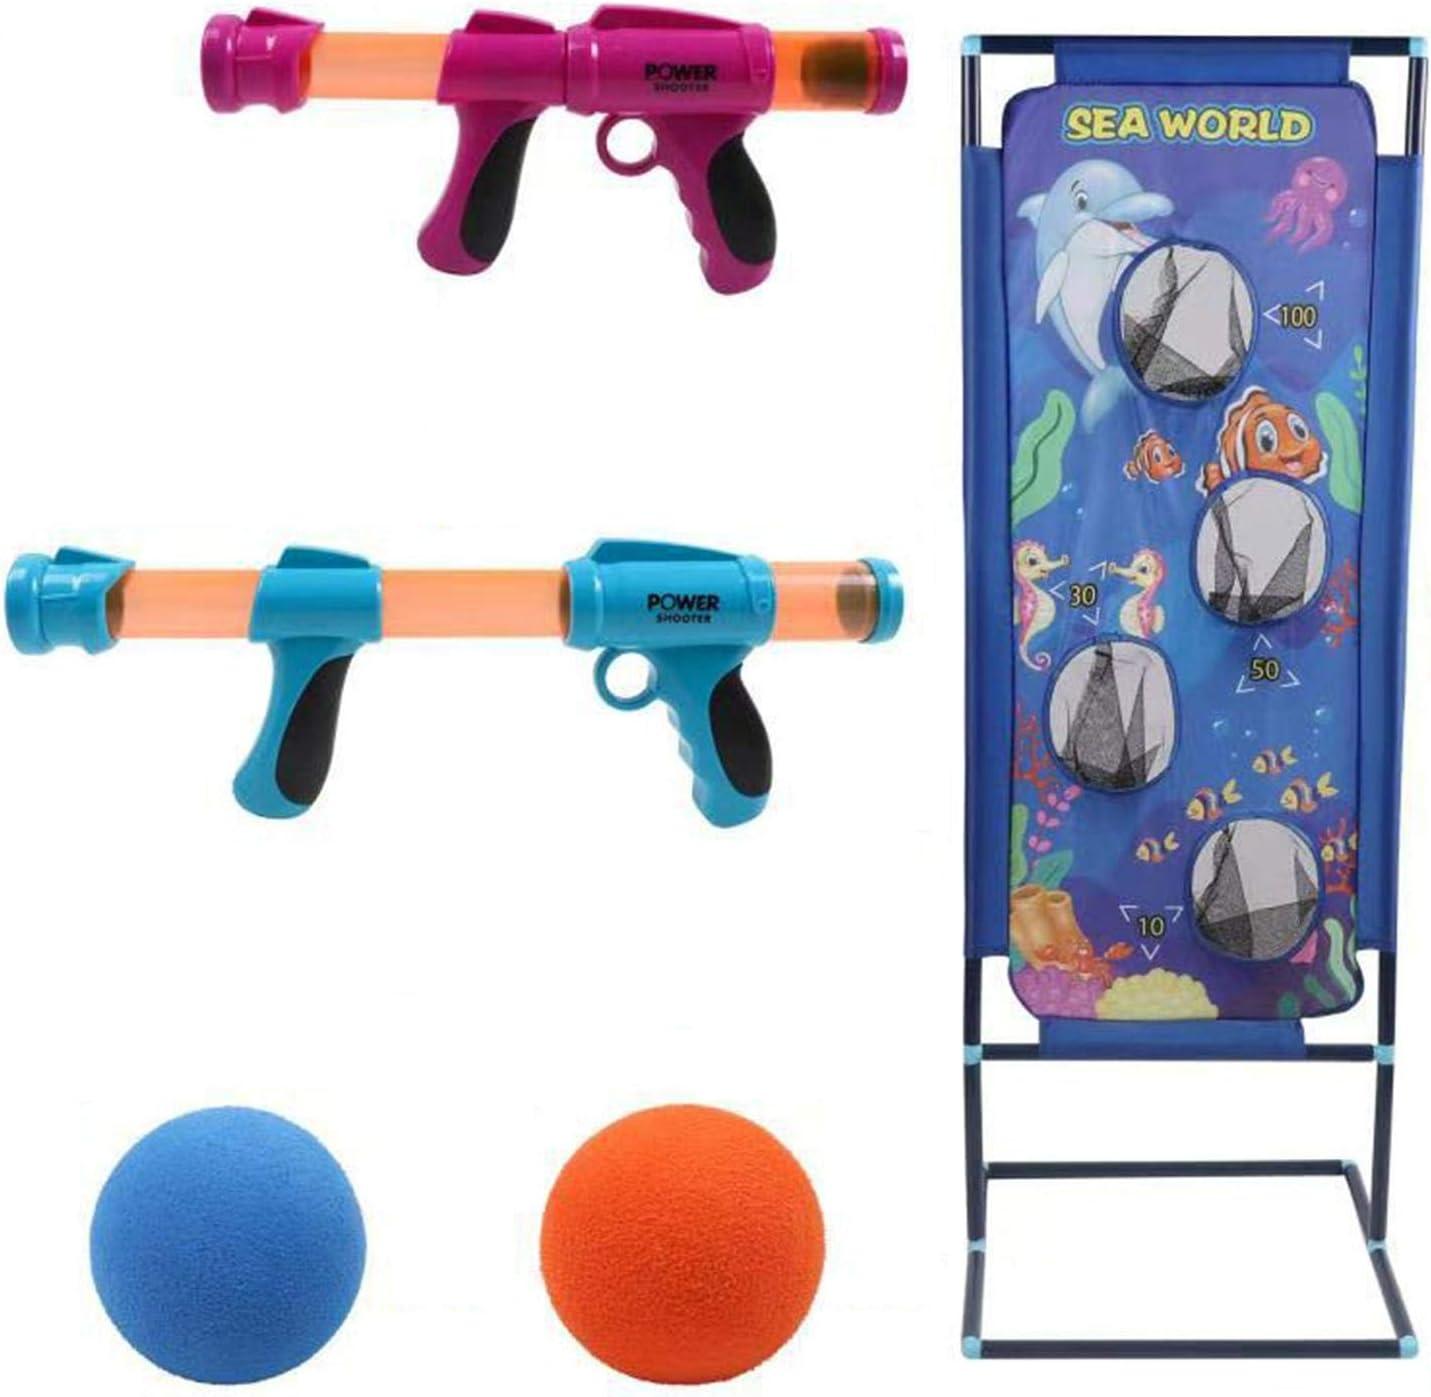 Pistolas de juguete con motor neumático, juegos de disparos, pistolas de espuma y objetivos de tiro, pistola de juguete para 2 jugadores con bolas de espuma EVA, no requiere batería, para juegos